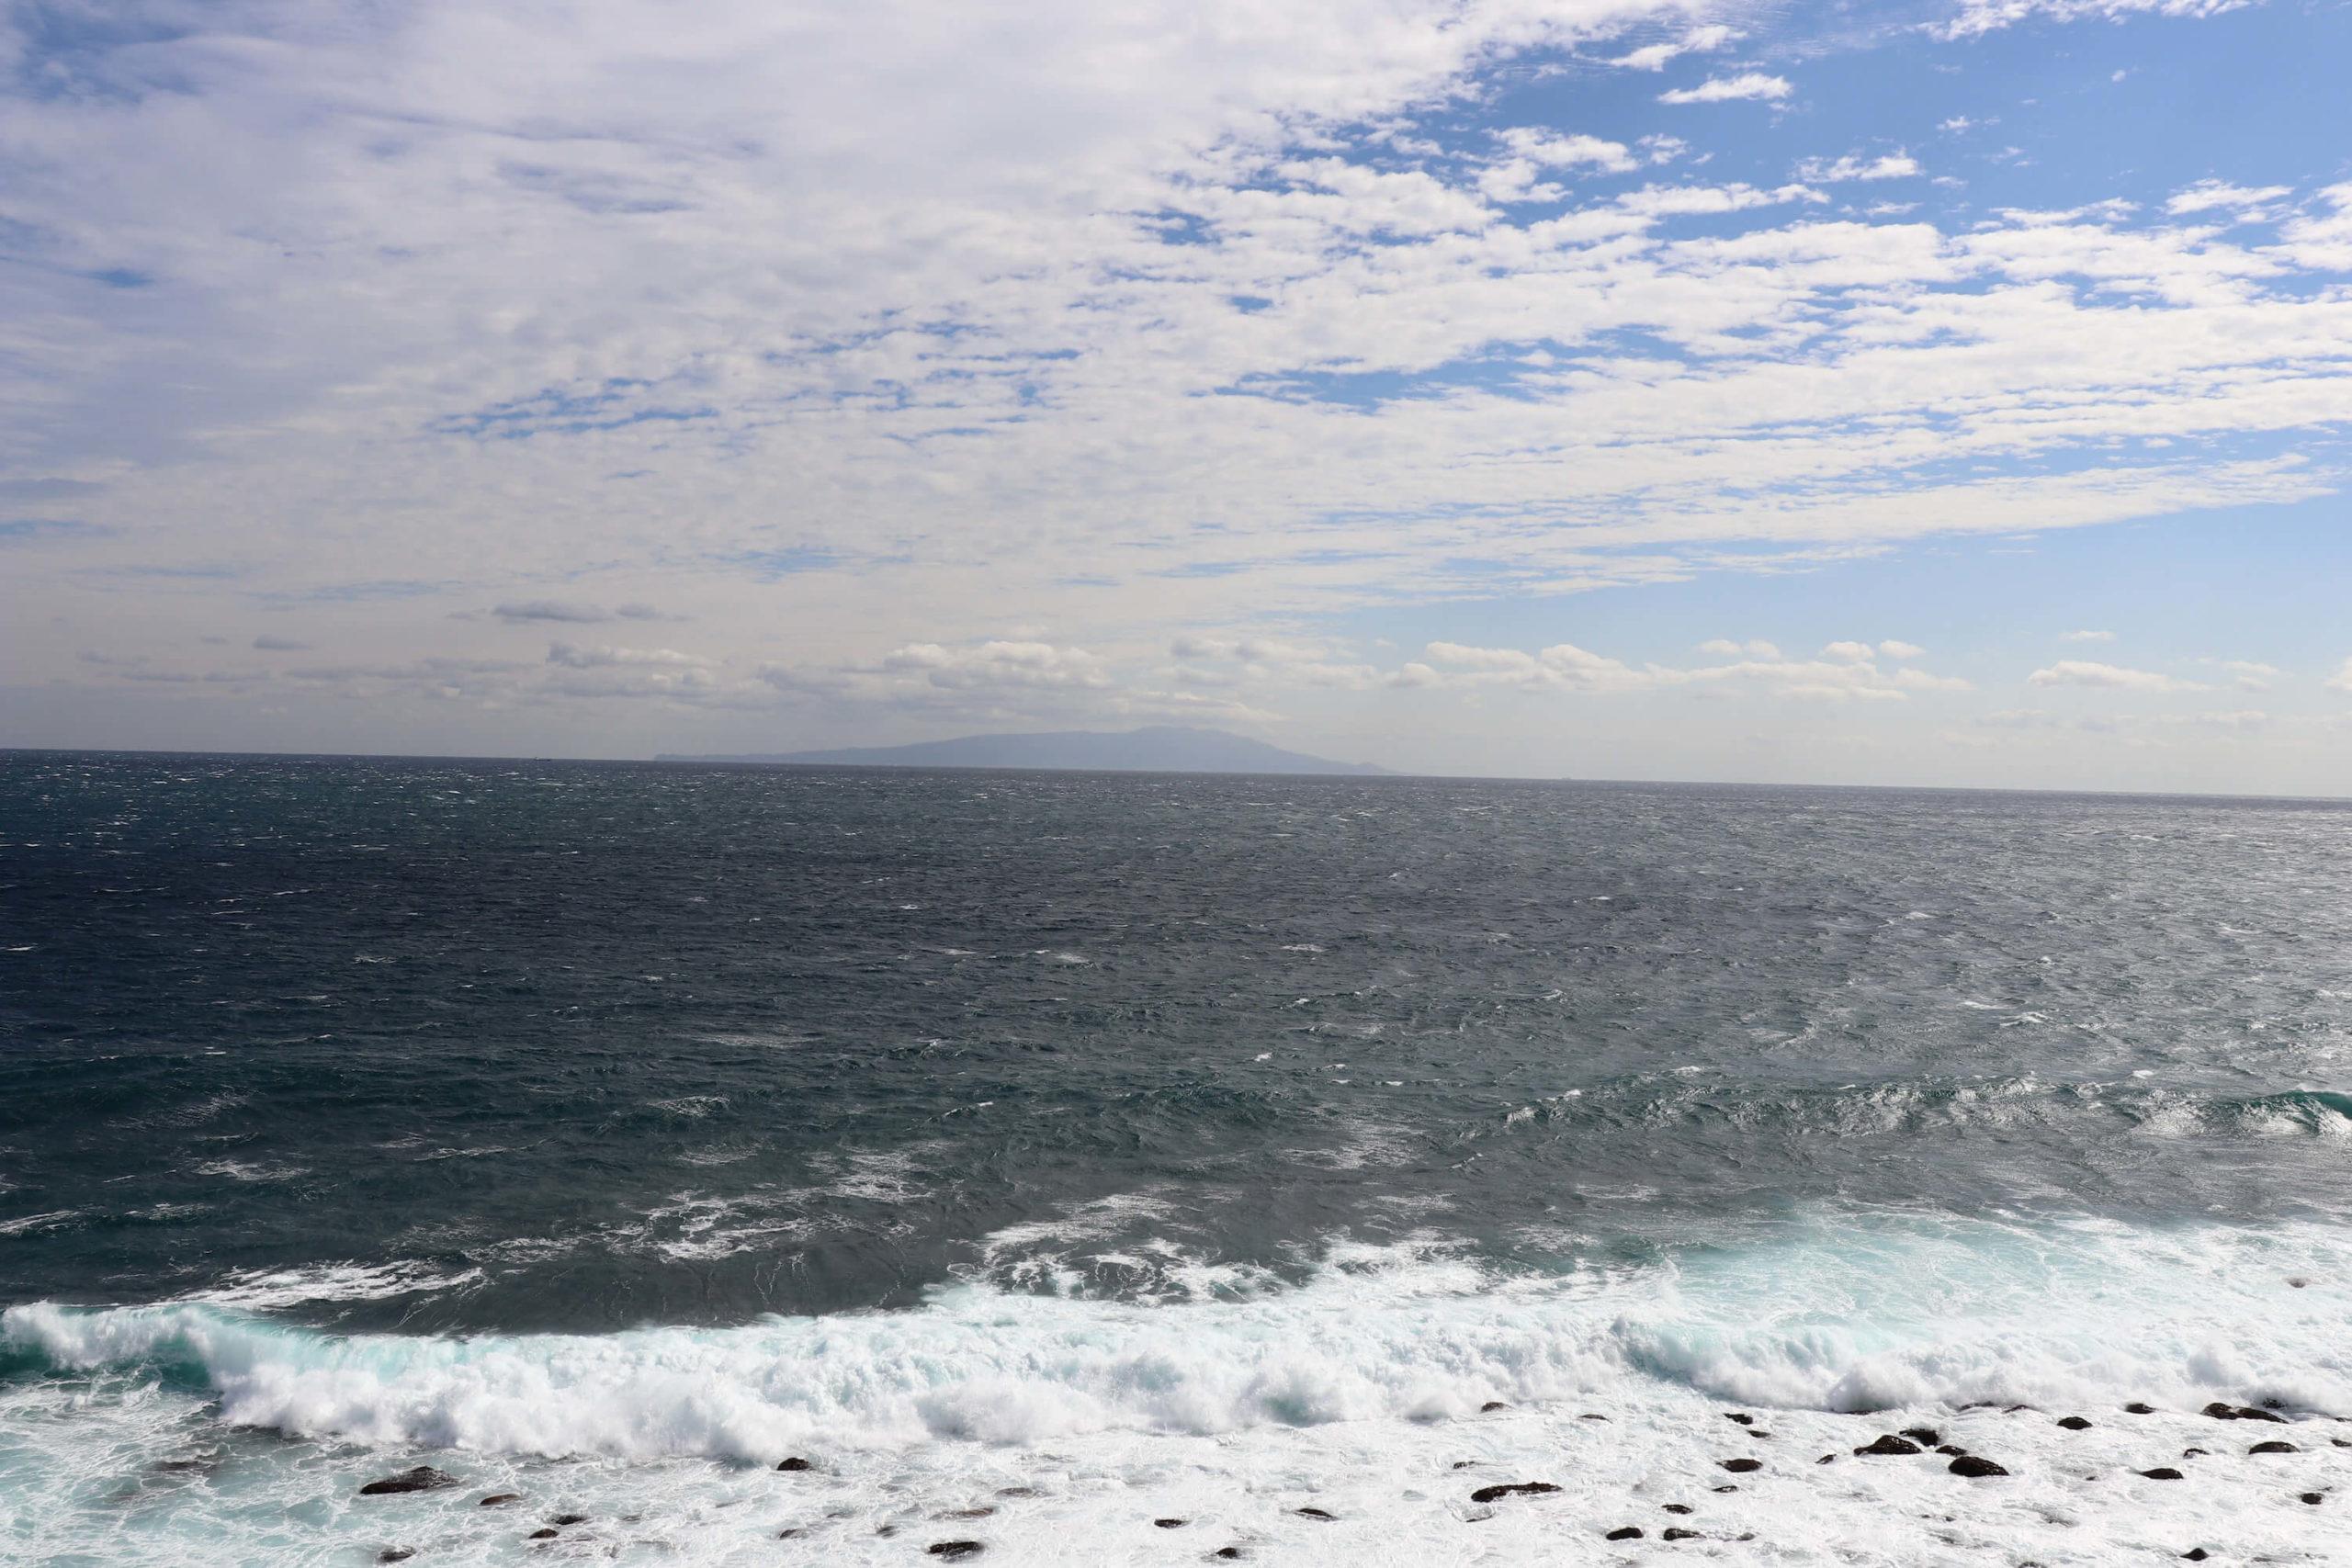 浜の湯から見える絶景の海と伊豆大島